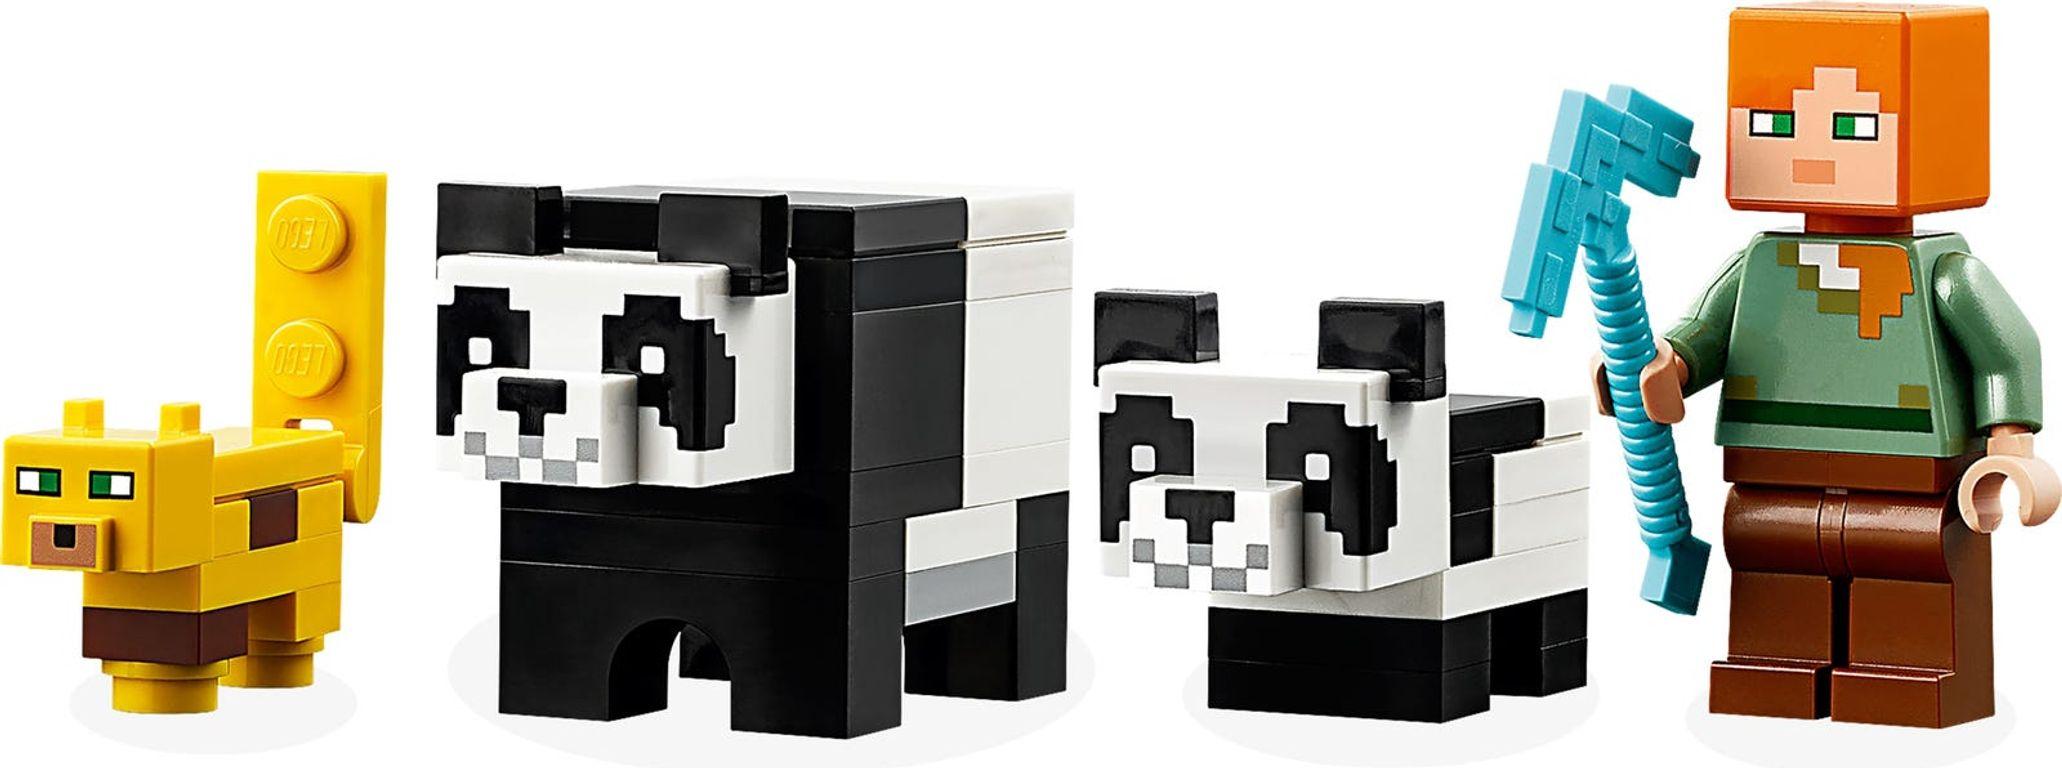 The Panda Kindergarten characters